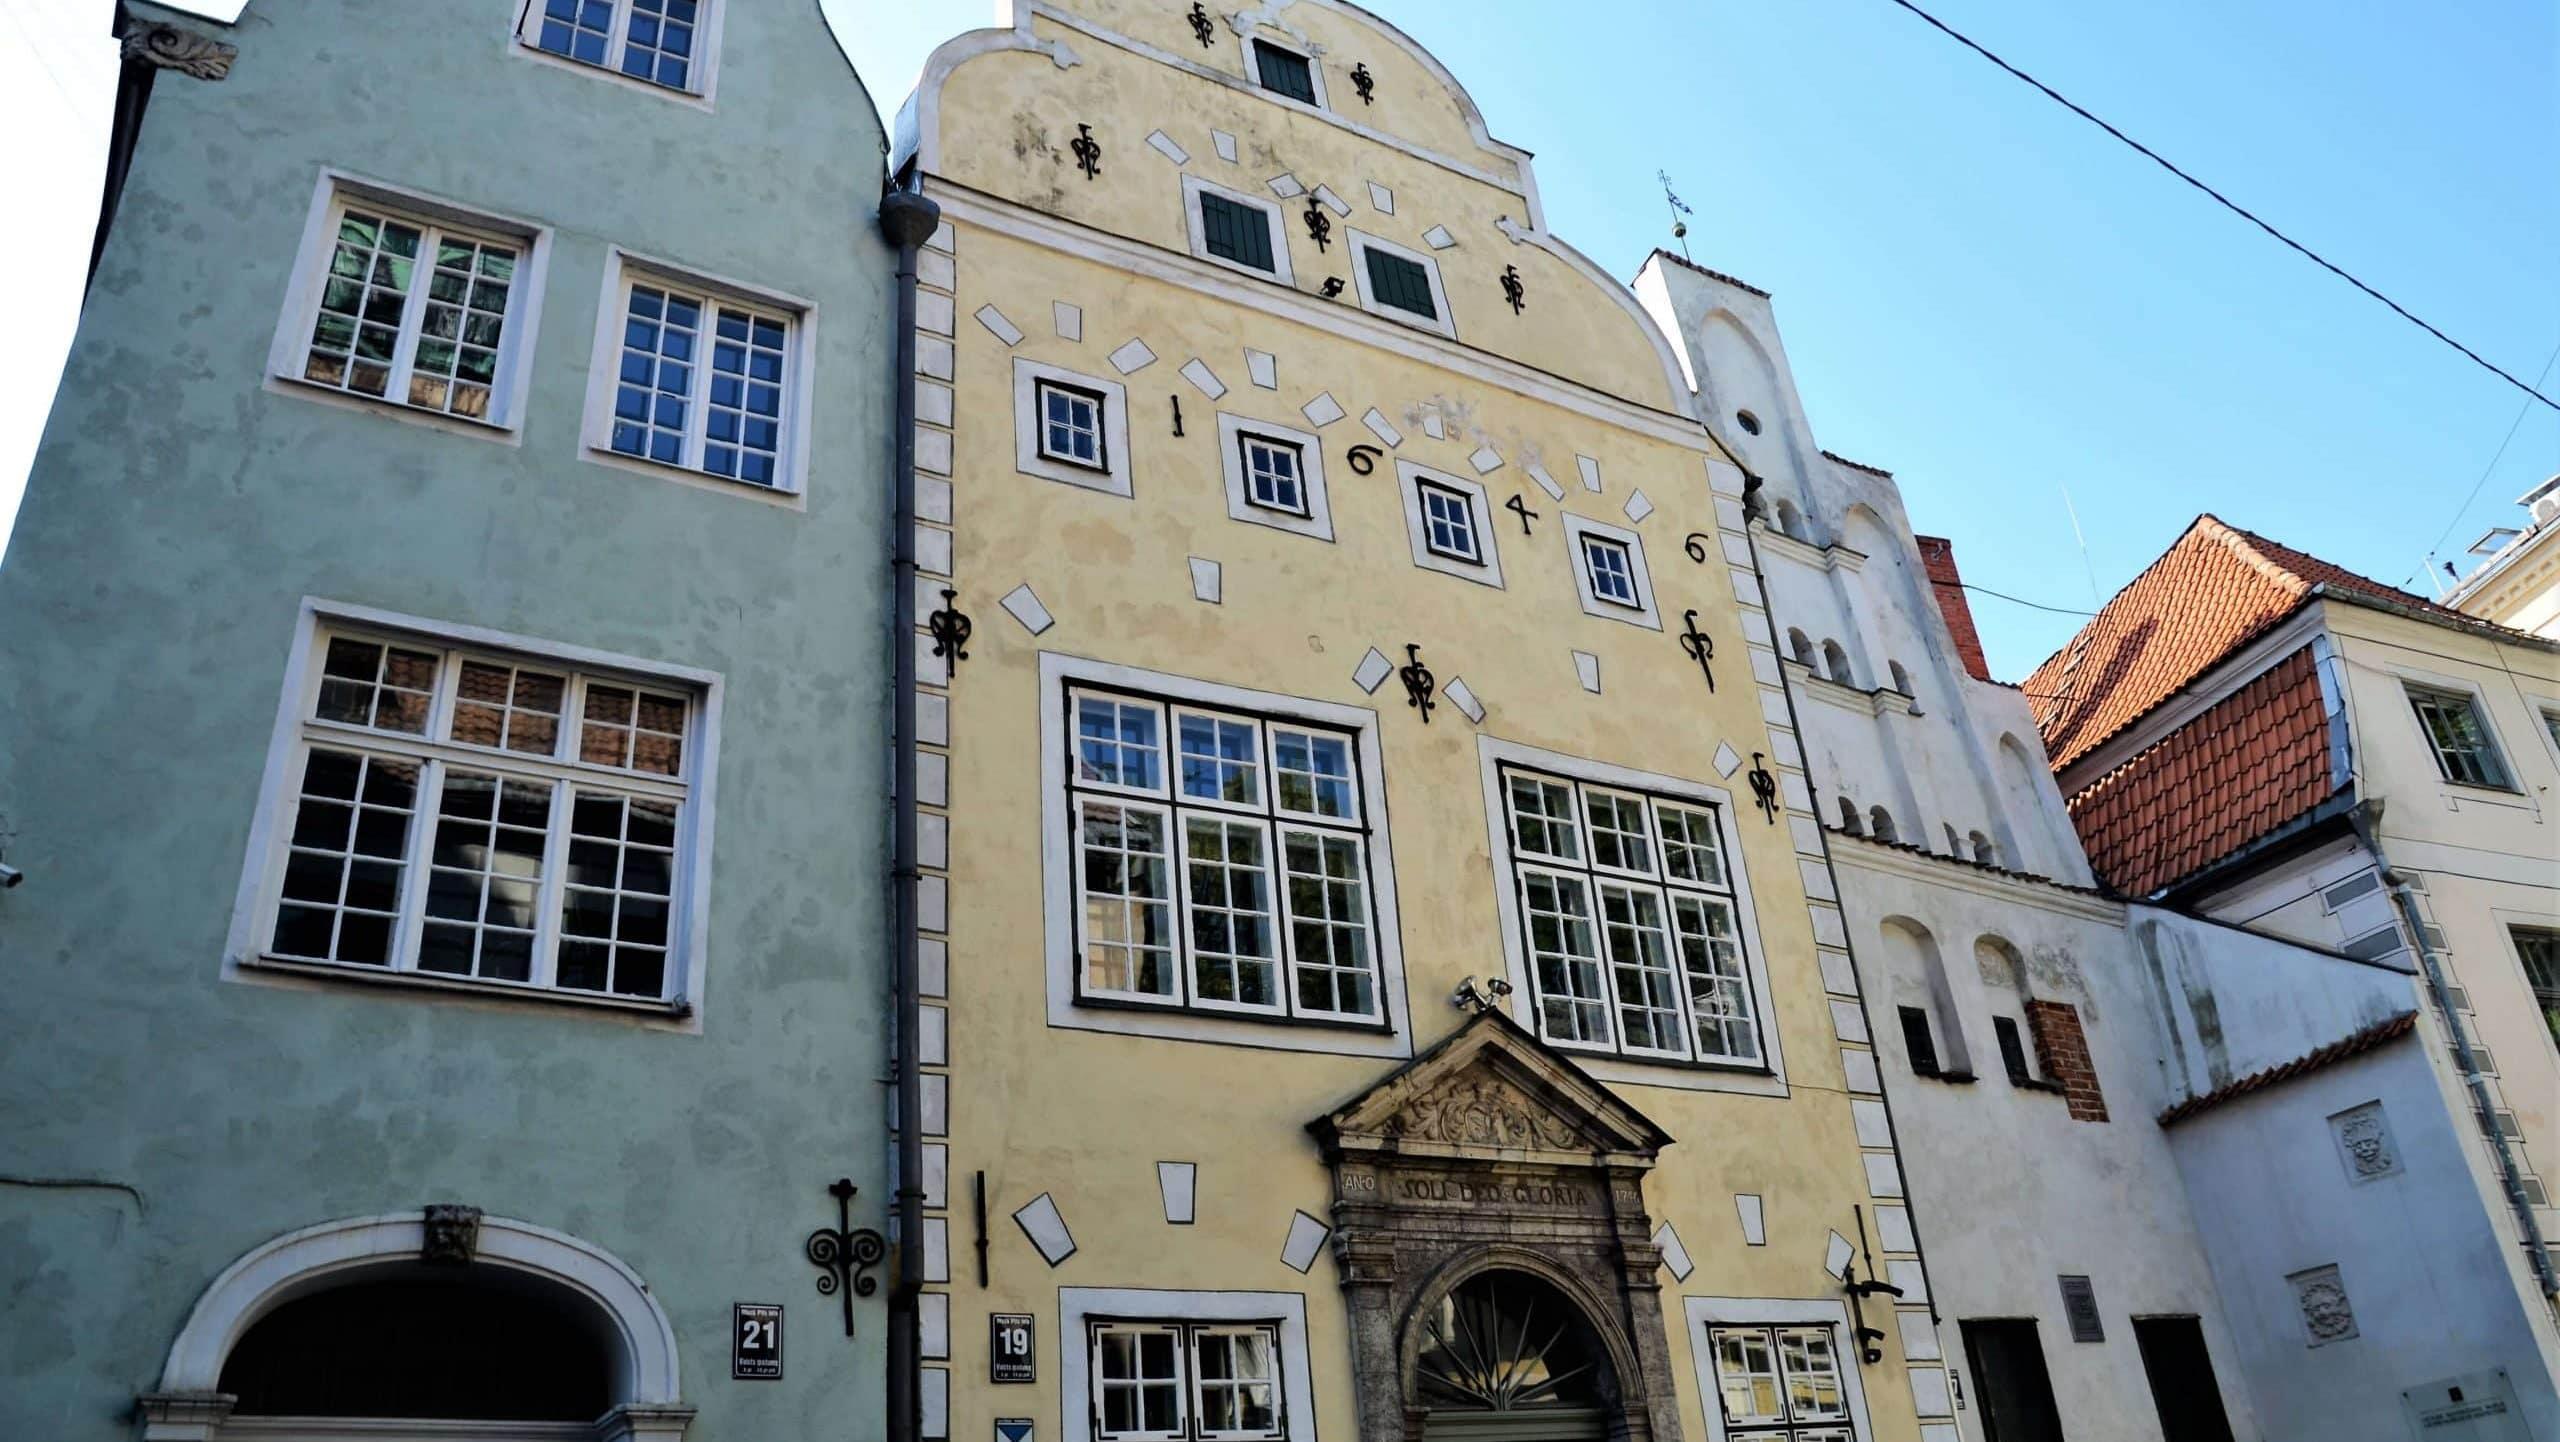 Die drei Brüder in der Altstadt von Riga